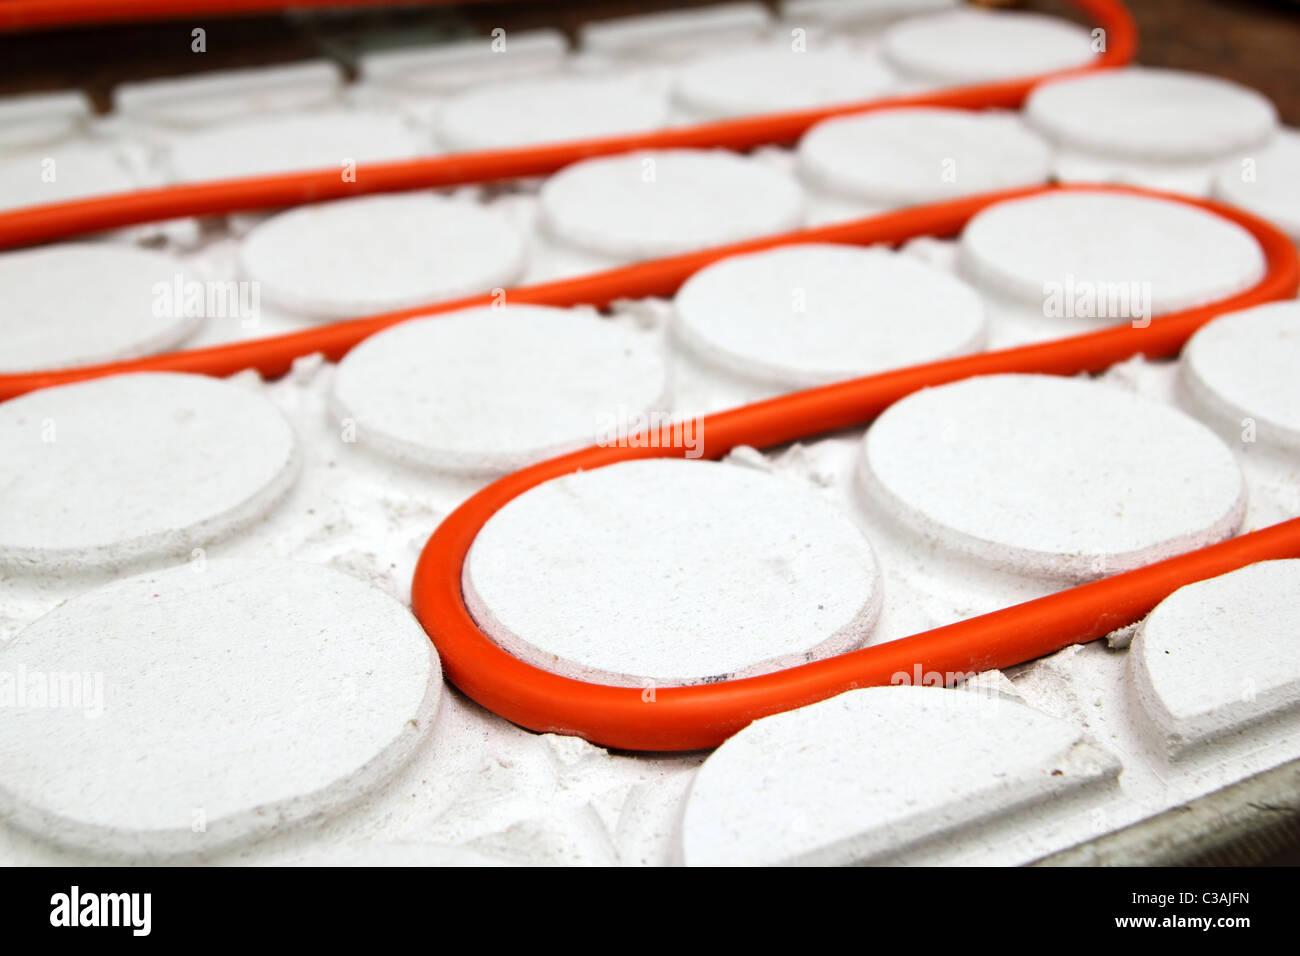 Pavimento radiante tubo tubo rosso curvo in cerchio bianco pattern Immagini Stock